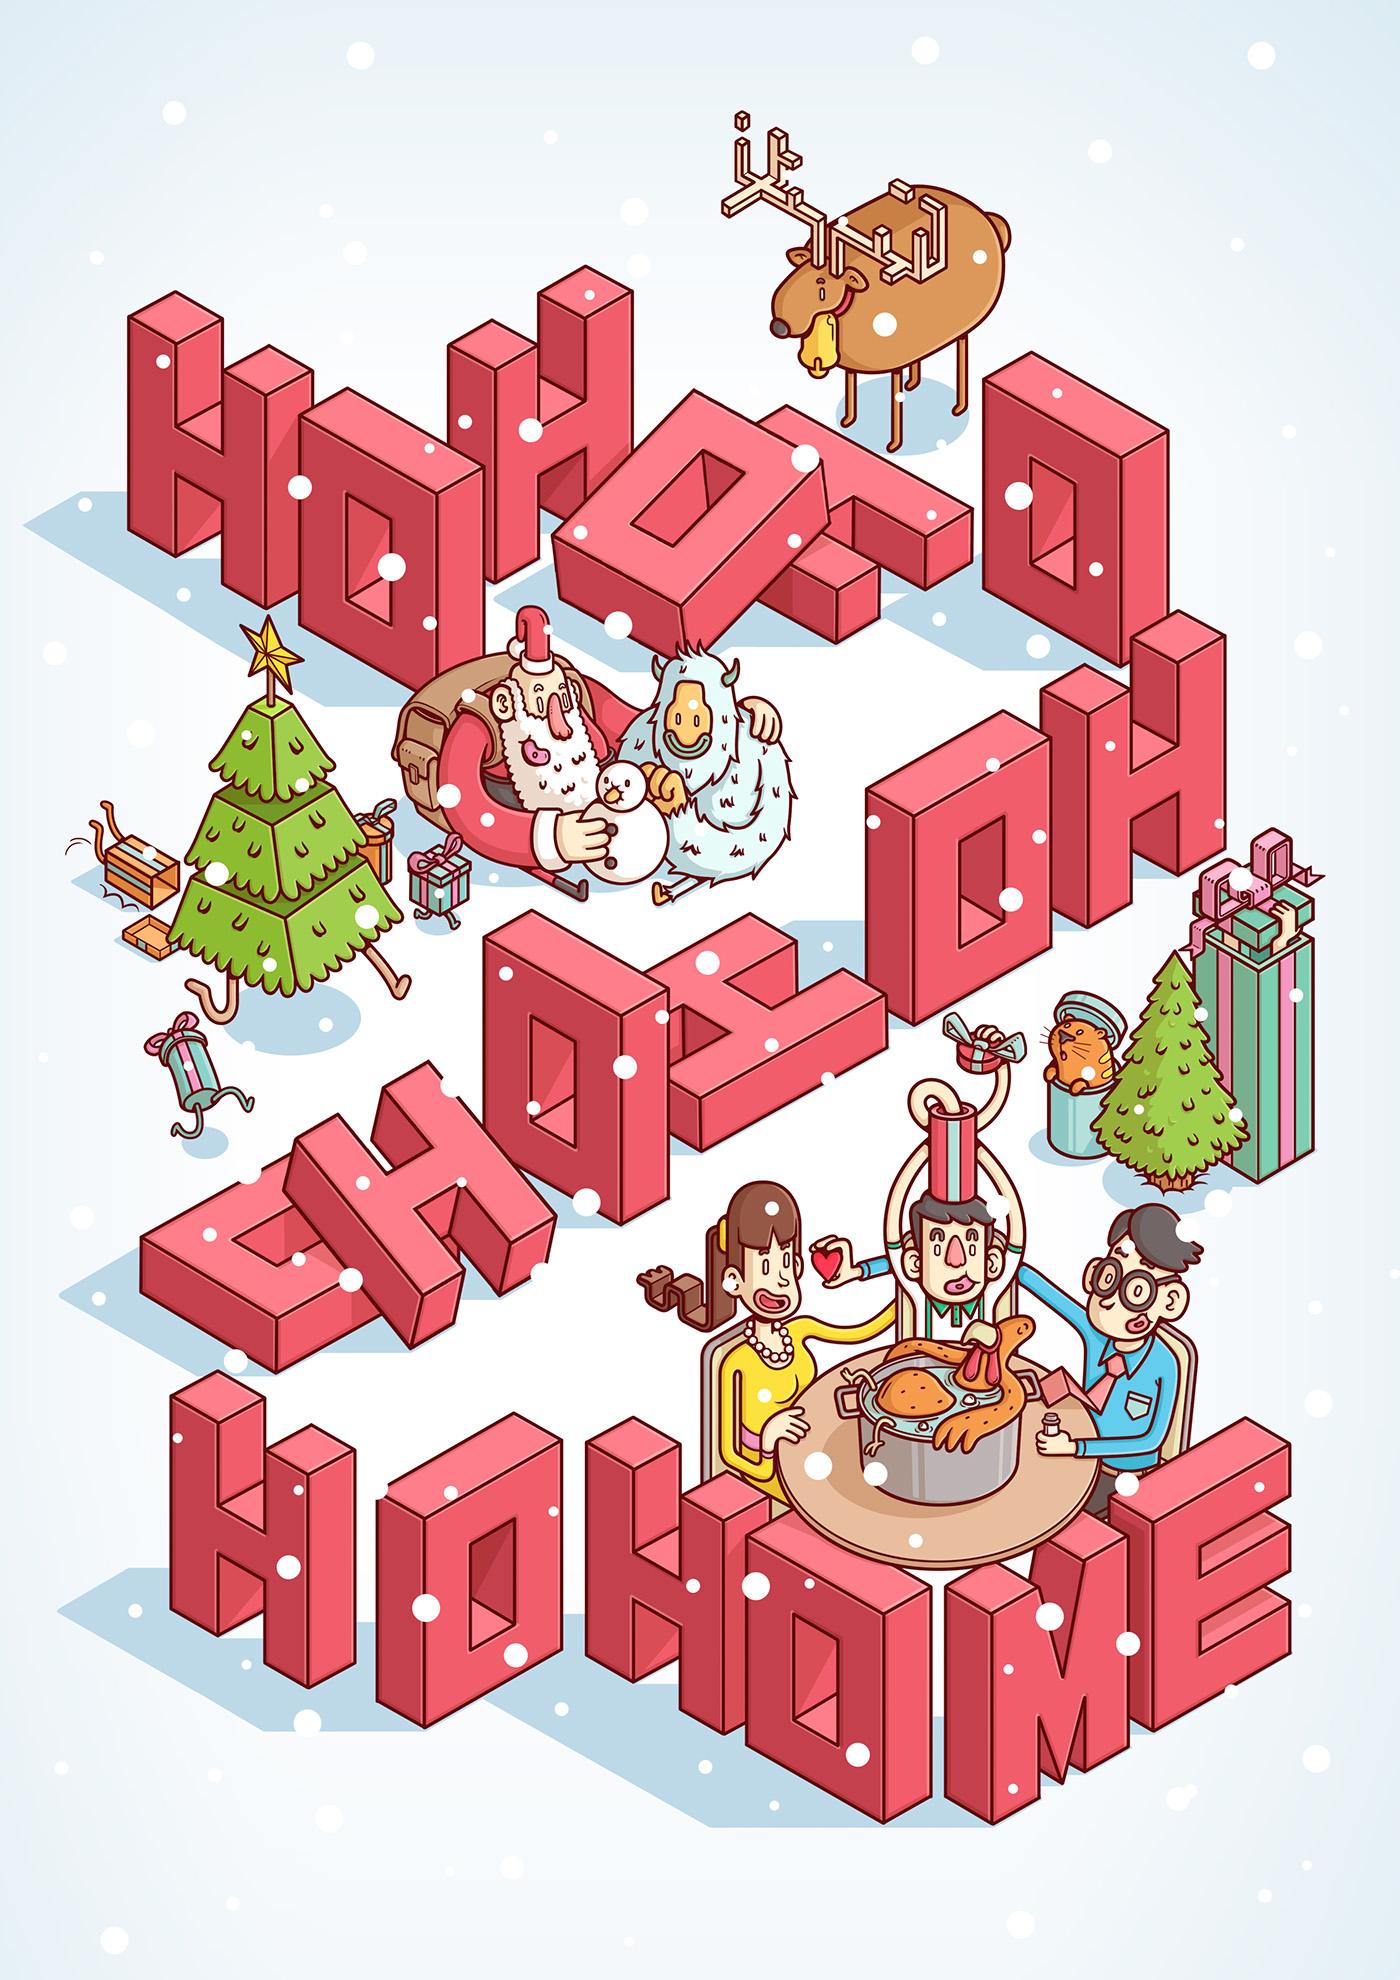 有美感的19套聖誕節插圖欣賞